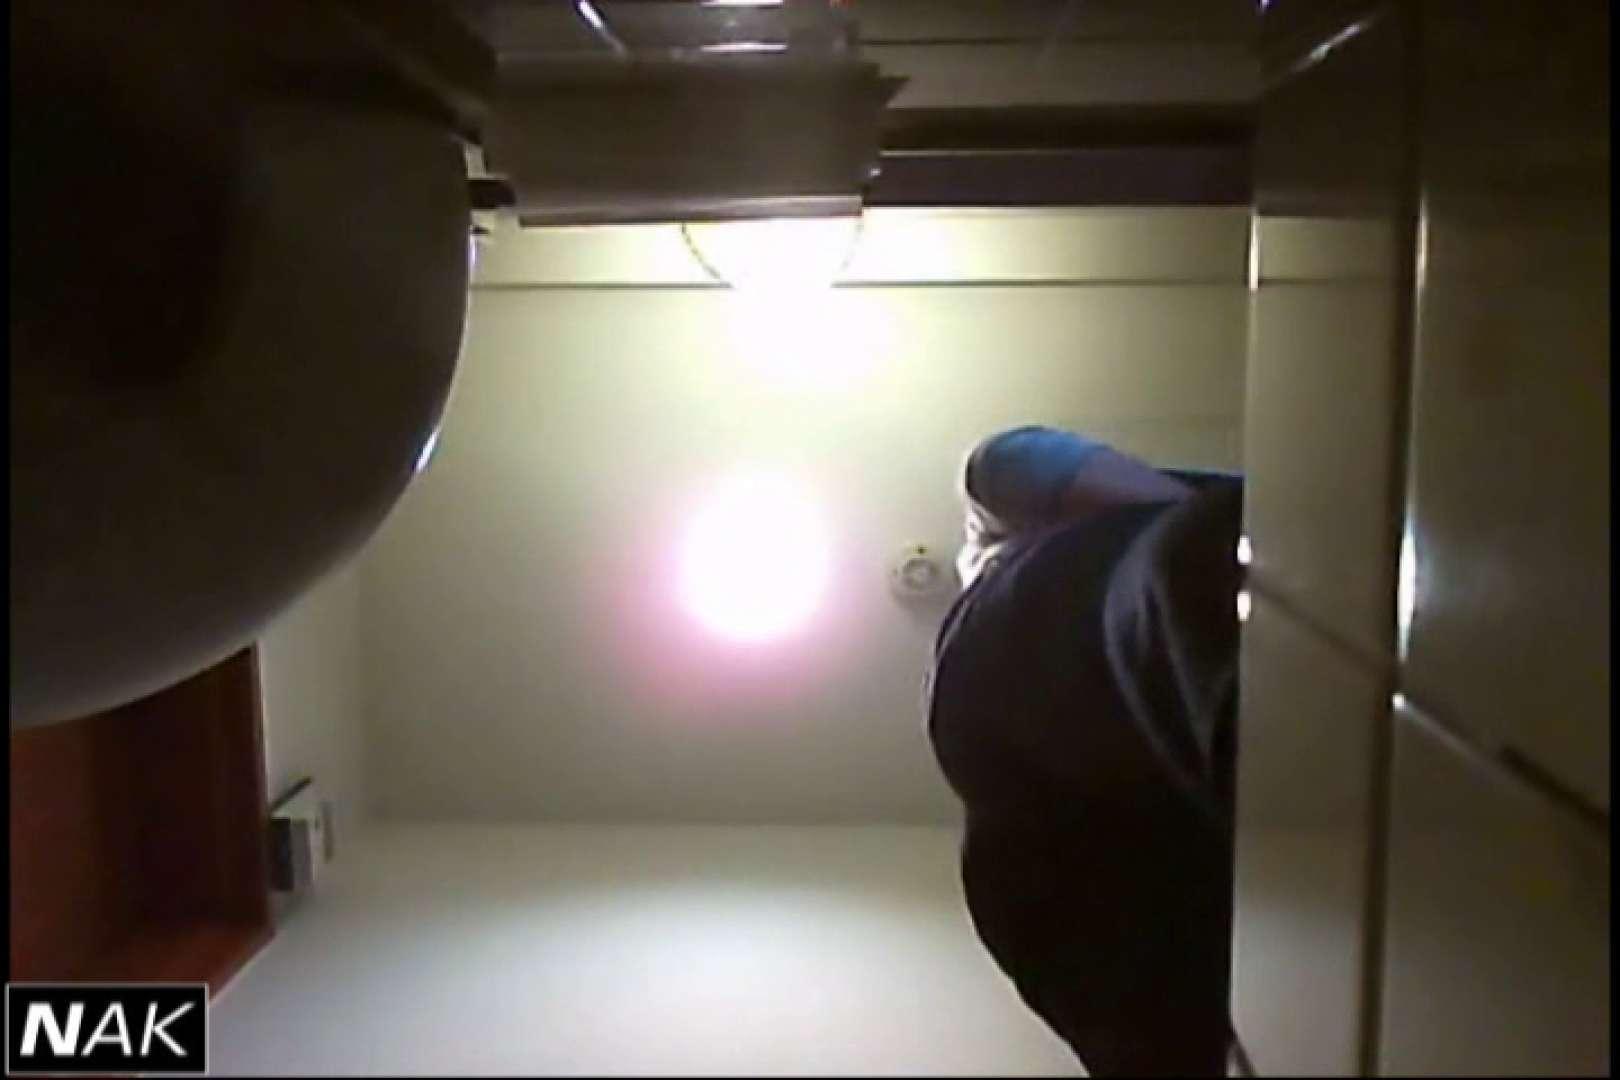 亀さんかわや VIP和式2カメバージョン! vol.05 オマンコ見放題 エロ画像 11枚 10